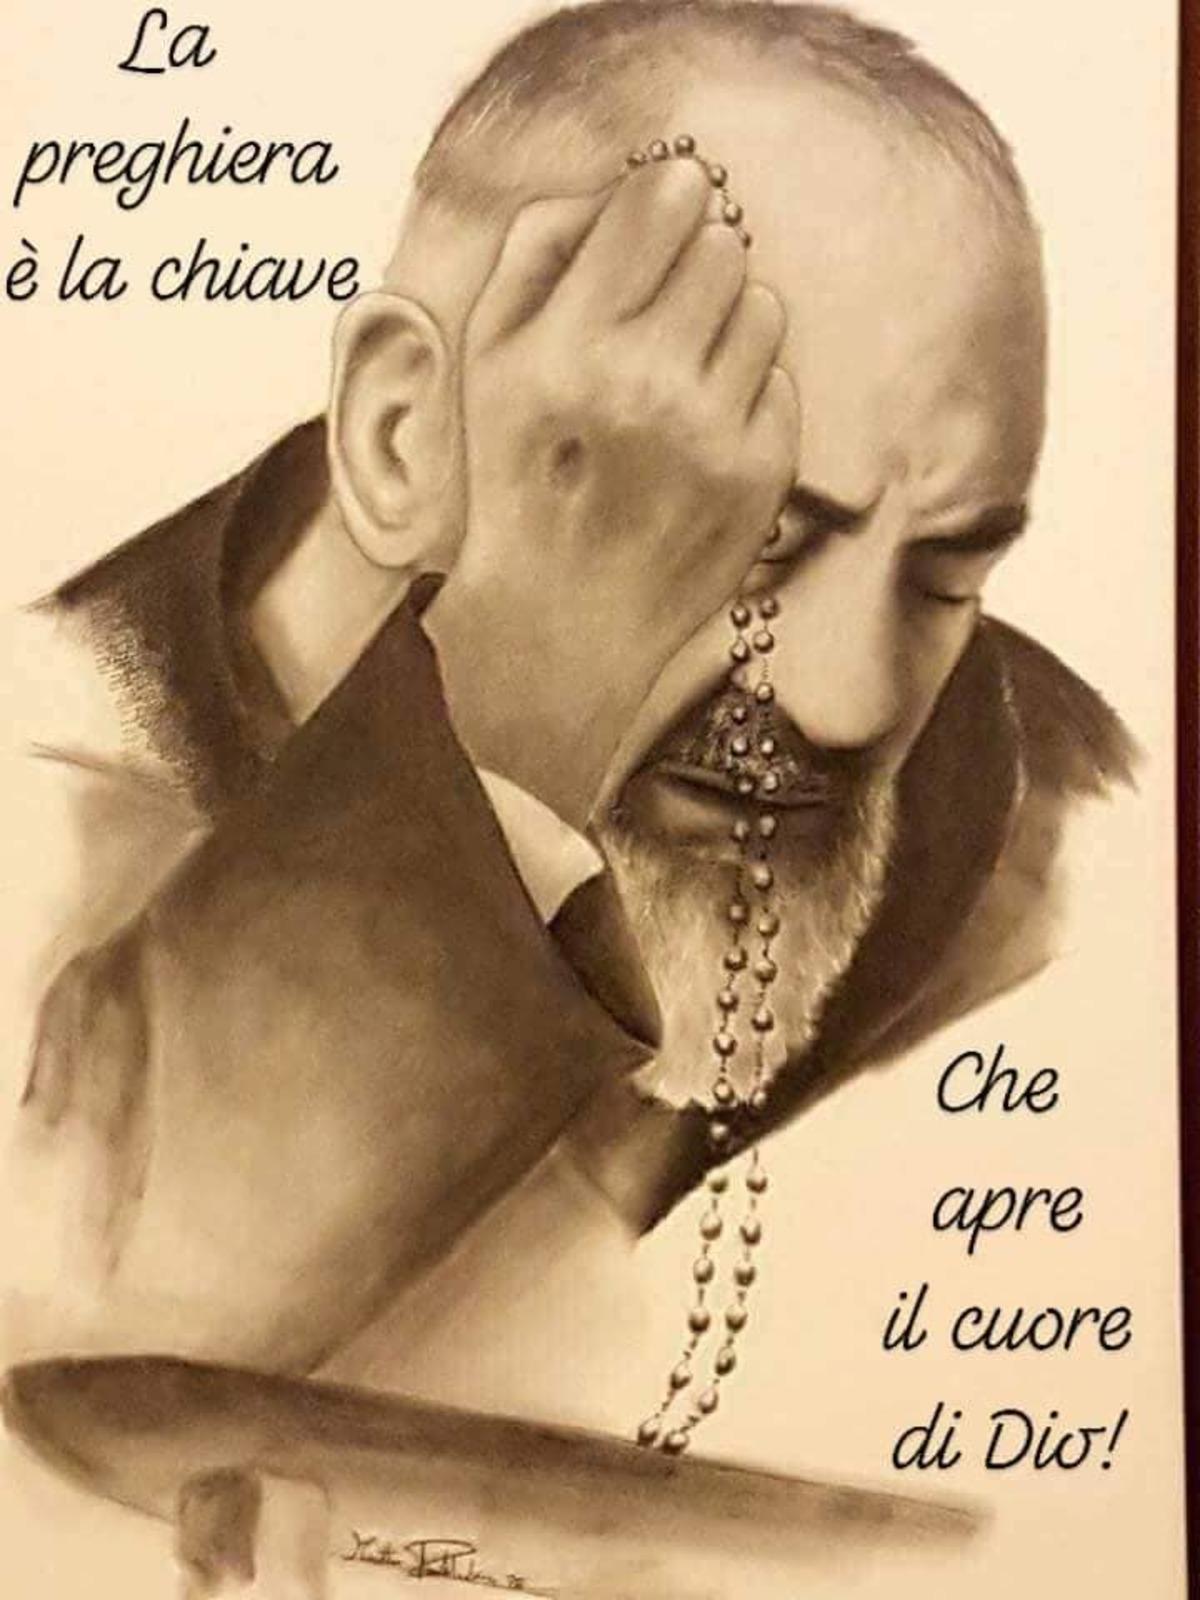 Padre Pio immagini religiose nuove 5780